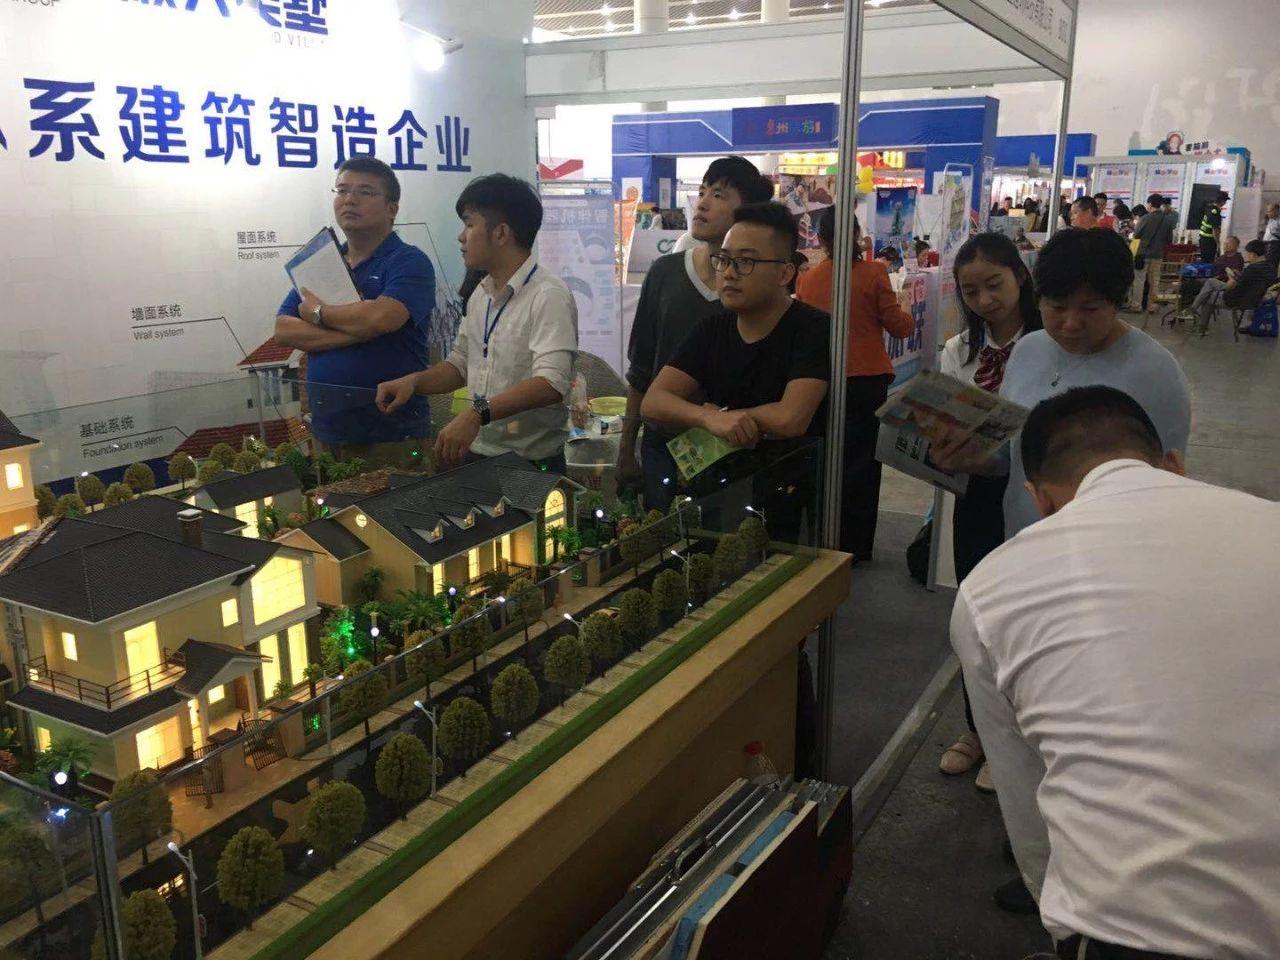 2018 Huizhou Tourism Culture Expo is the perfect ending, Shunda Meishu shines